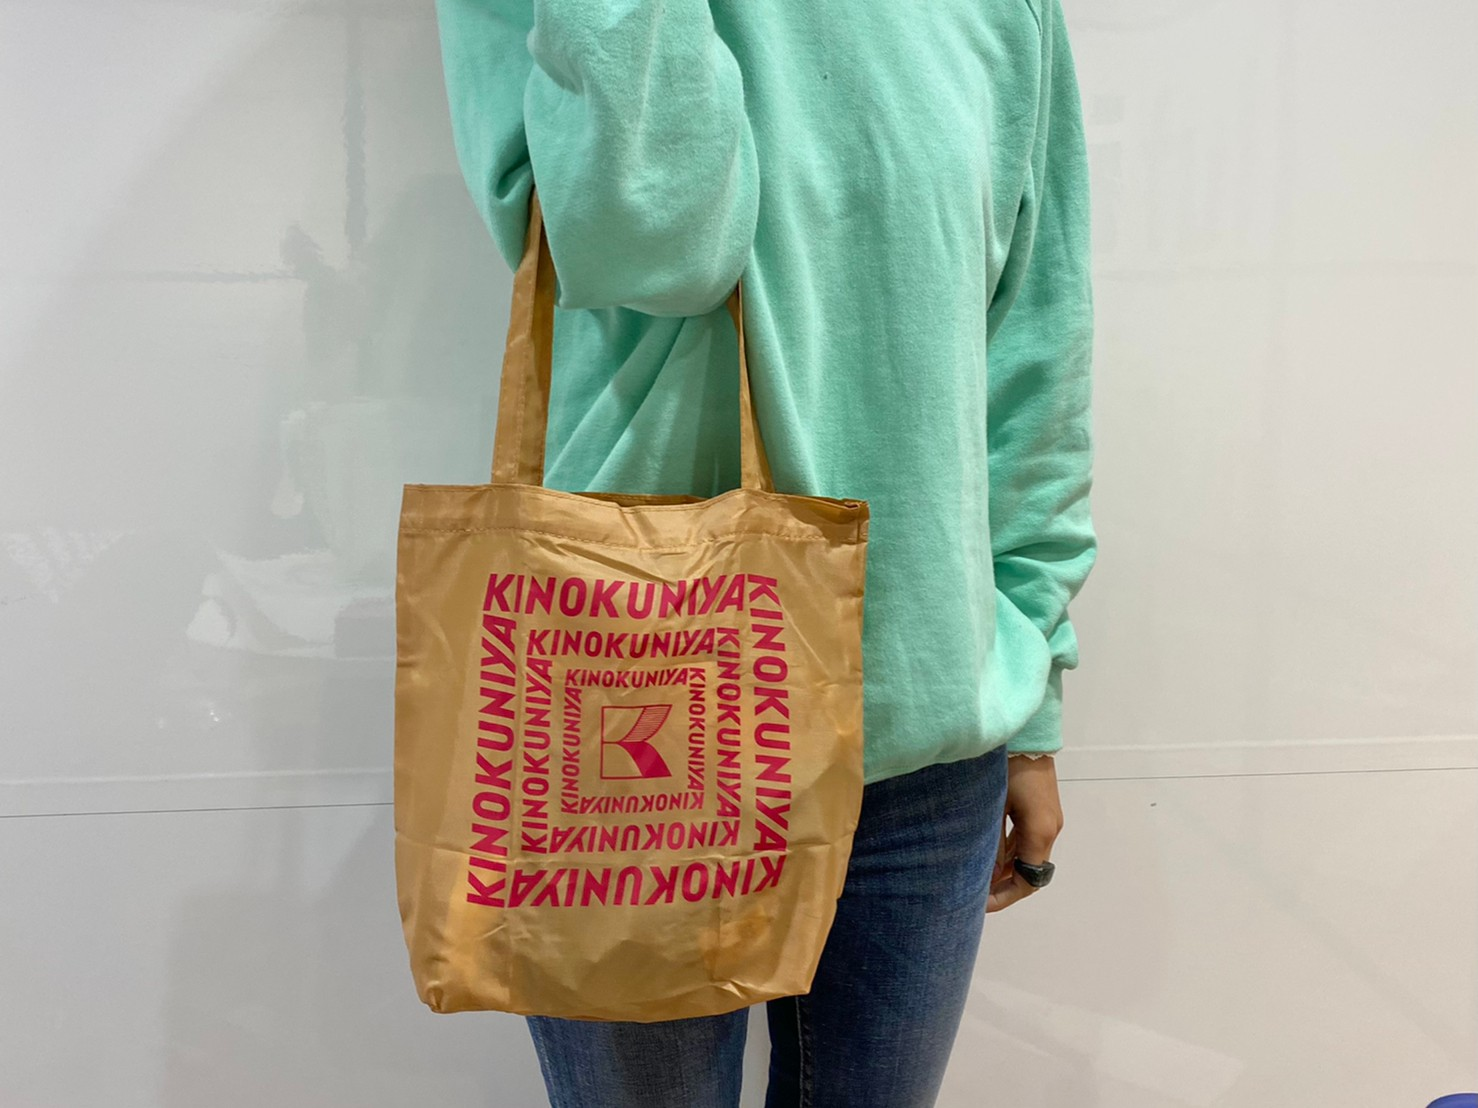 ブラウンの買い物バッグを持った画像